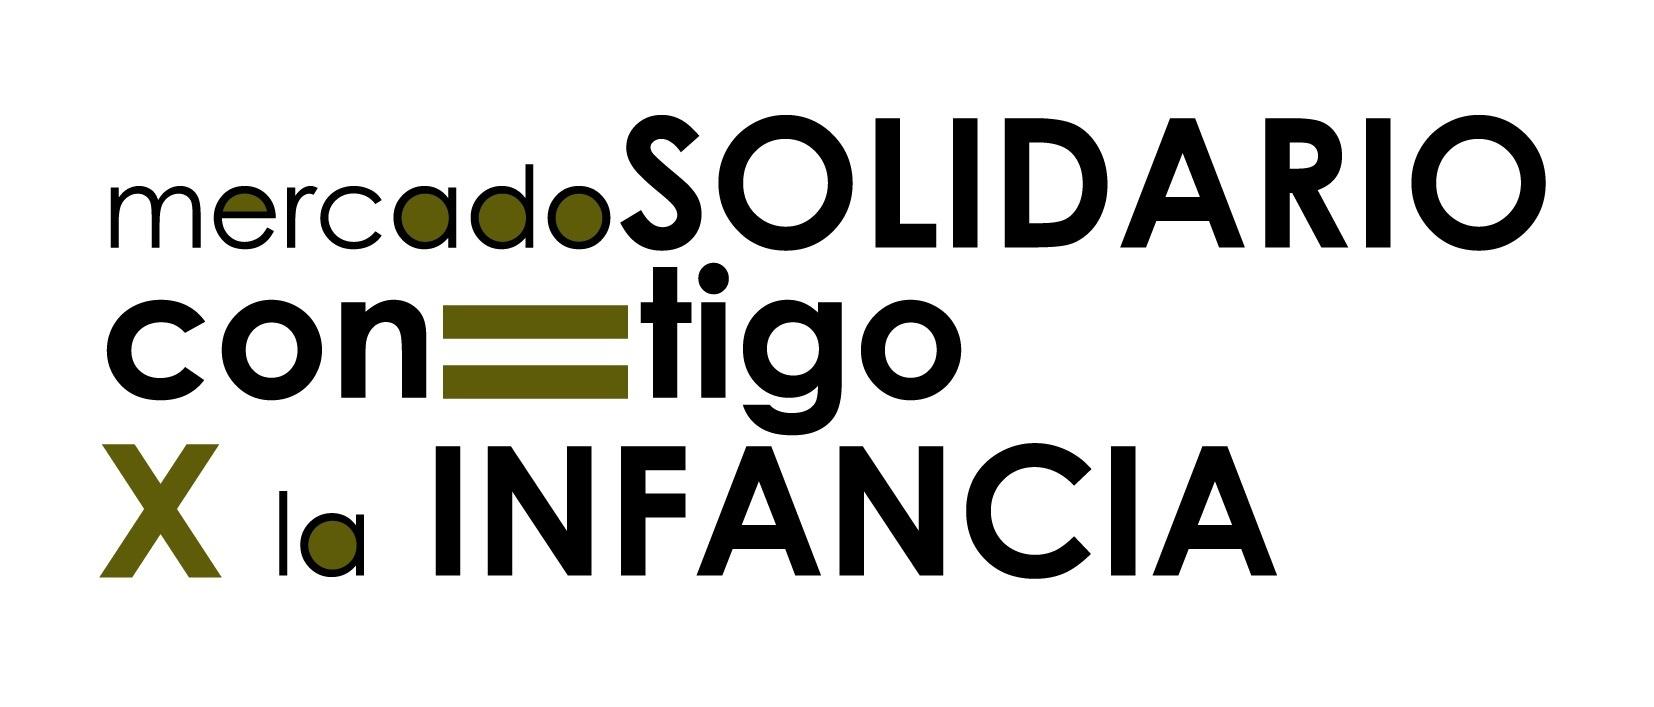 La Fundación Igualdad Ciudadana organiza en Cáceres un mercado solidario para recaudar fondos a favor de la infancia